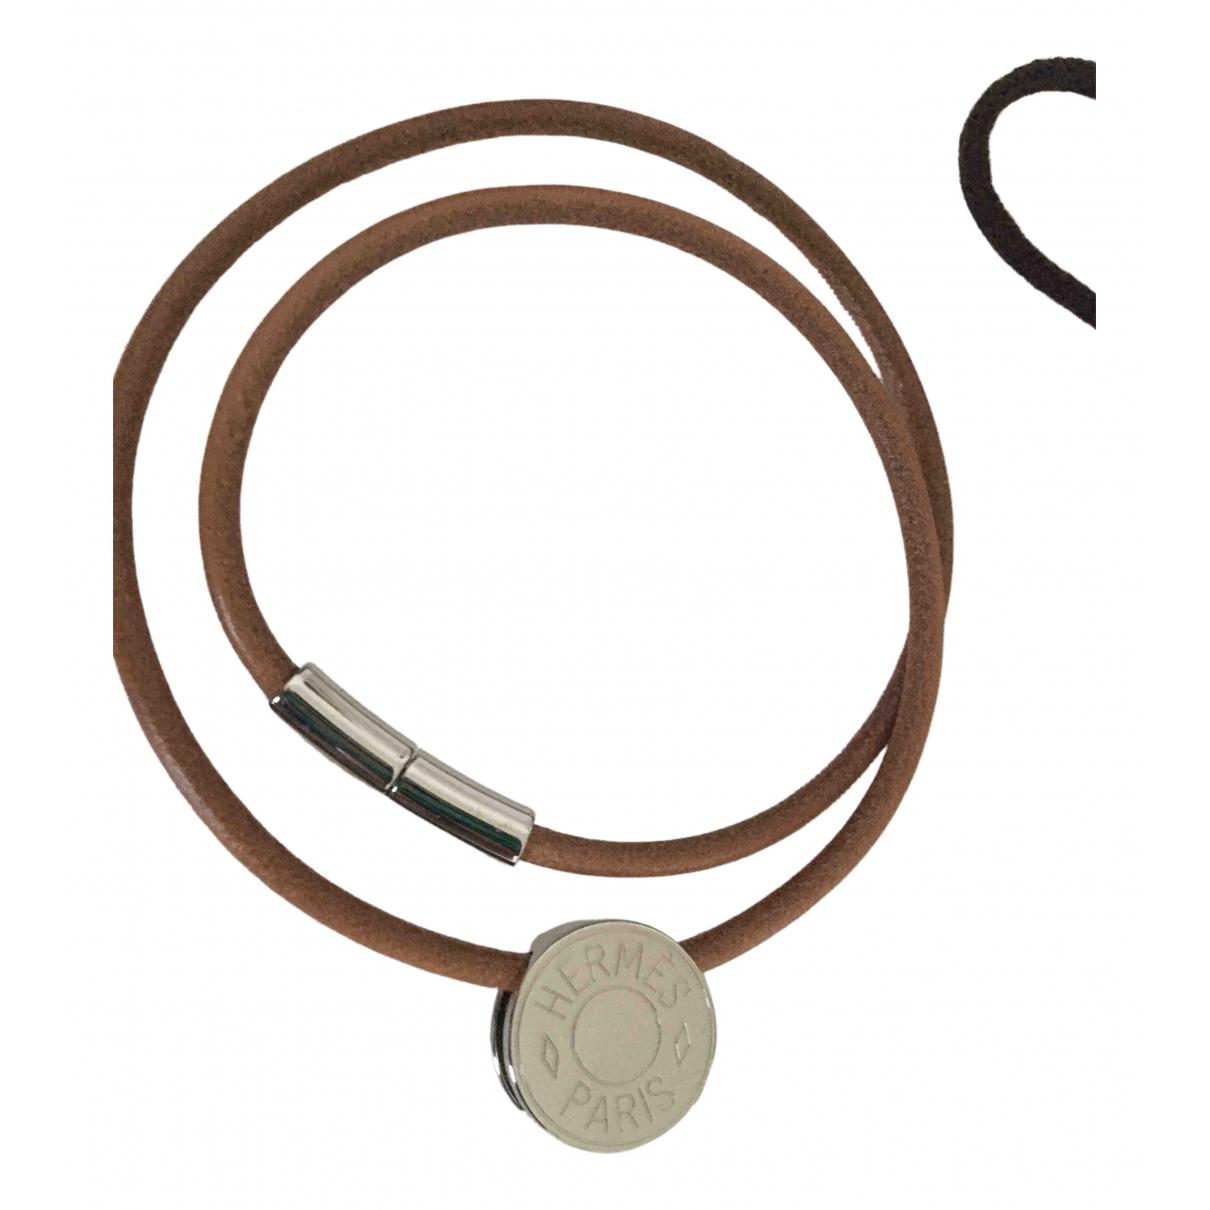 Hermes - Collier Clou de Selle pour femme en argent - gris